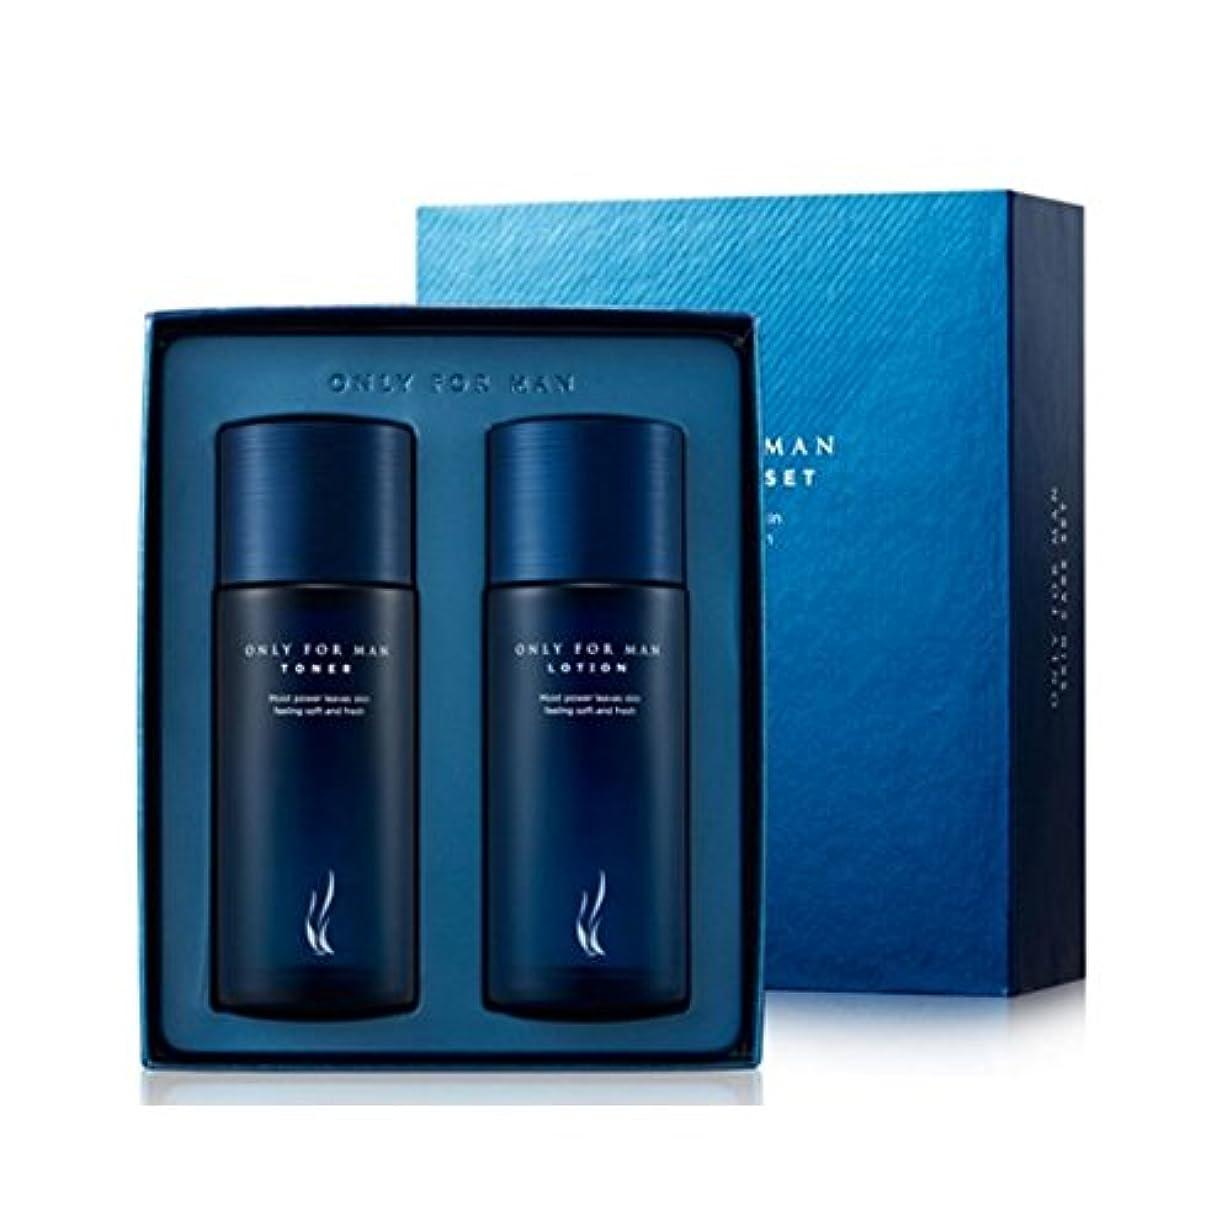 活性化するアリ厳AHCオンリーフォーマンスキンケアセットトナー150ml+ローション150mlの男性用化粧品、AHC Only For Man Skin Care Set Toner 150ml+Lotion 150ml Men's cosmetics...